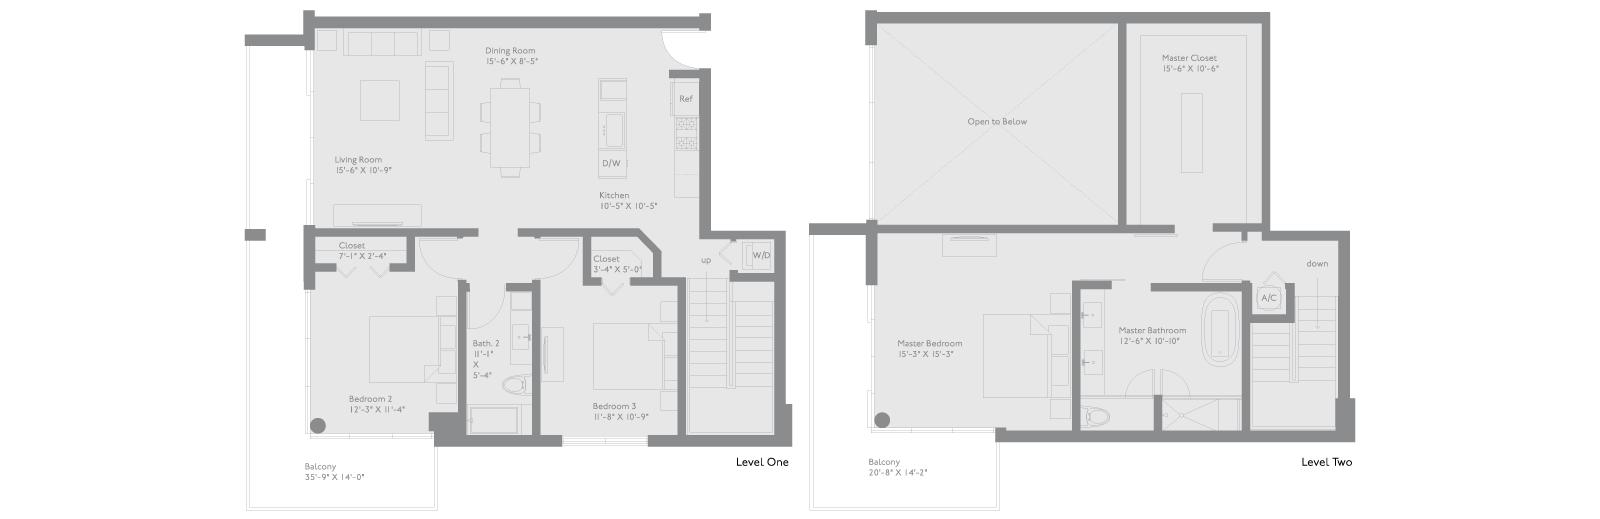 Arbor Floor Plan G 12 15 17